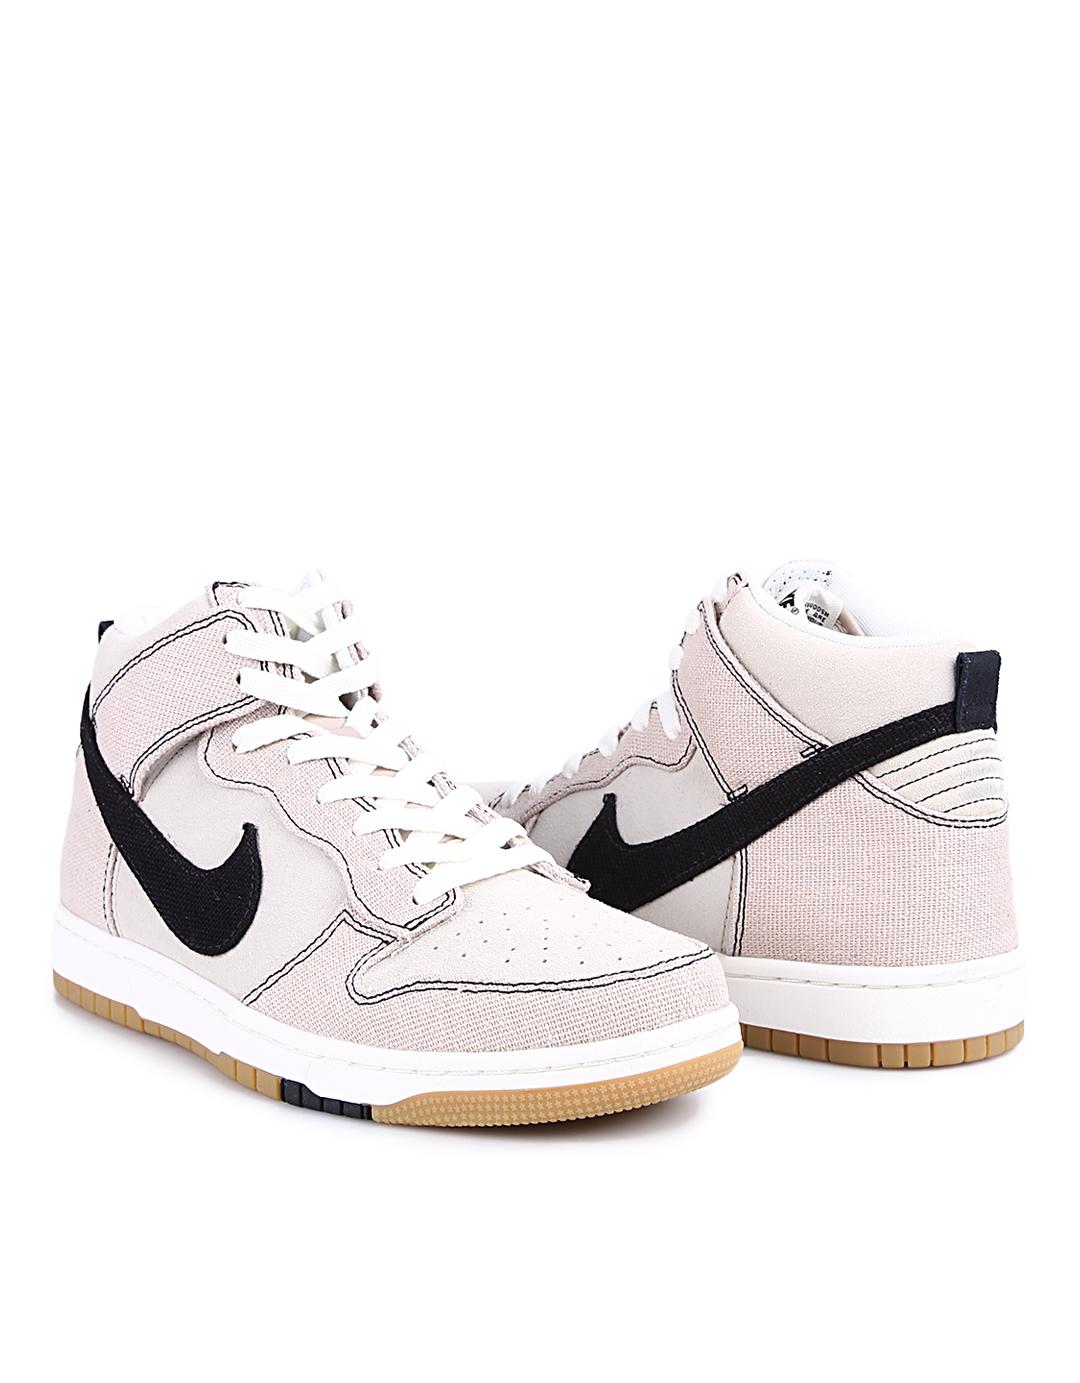 new style 13cf3 9d131 Nike Dunk CMFT Hi-Top Sneakers   Sepatu Nike Sb Original Murah .